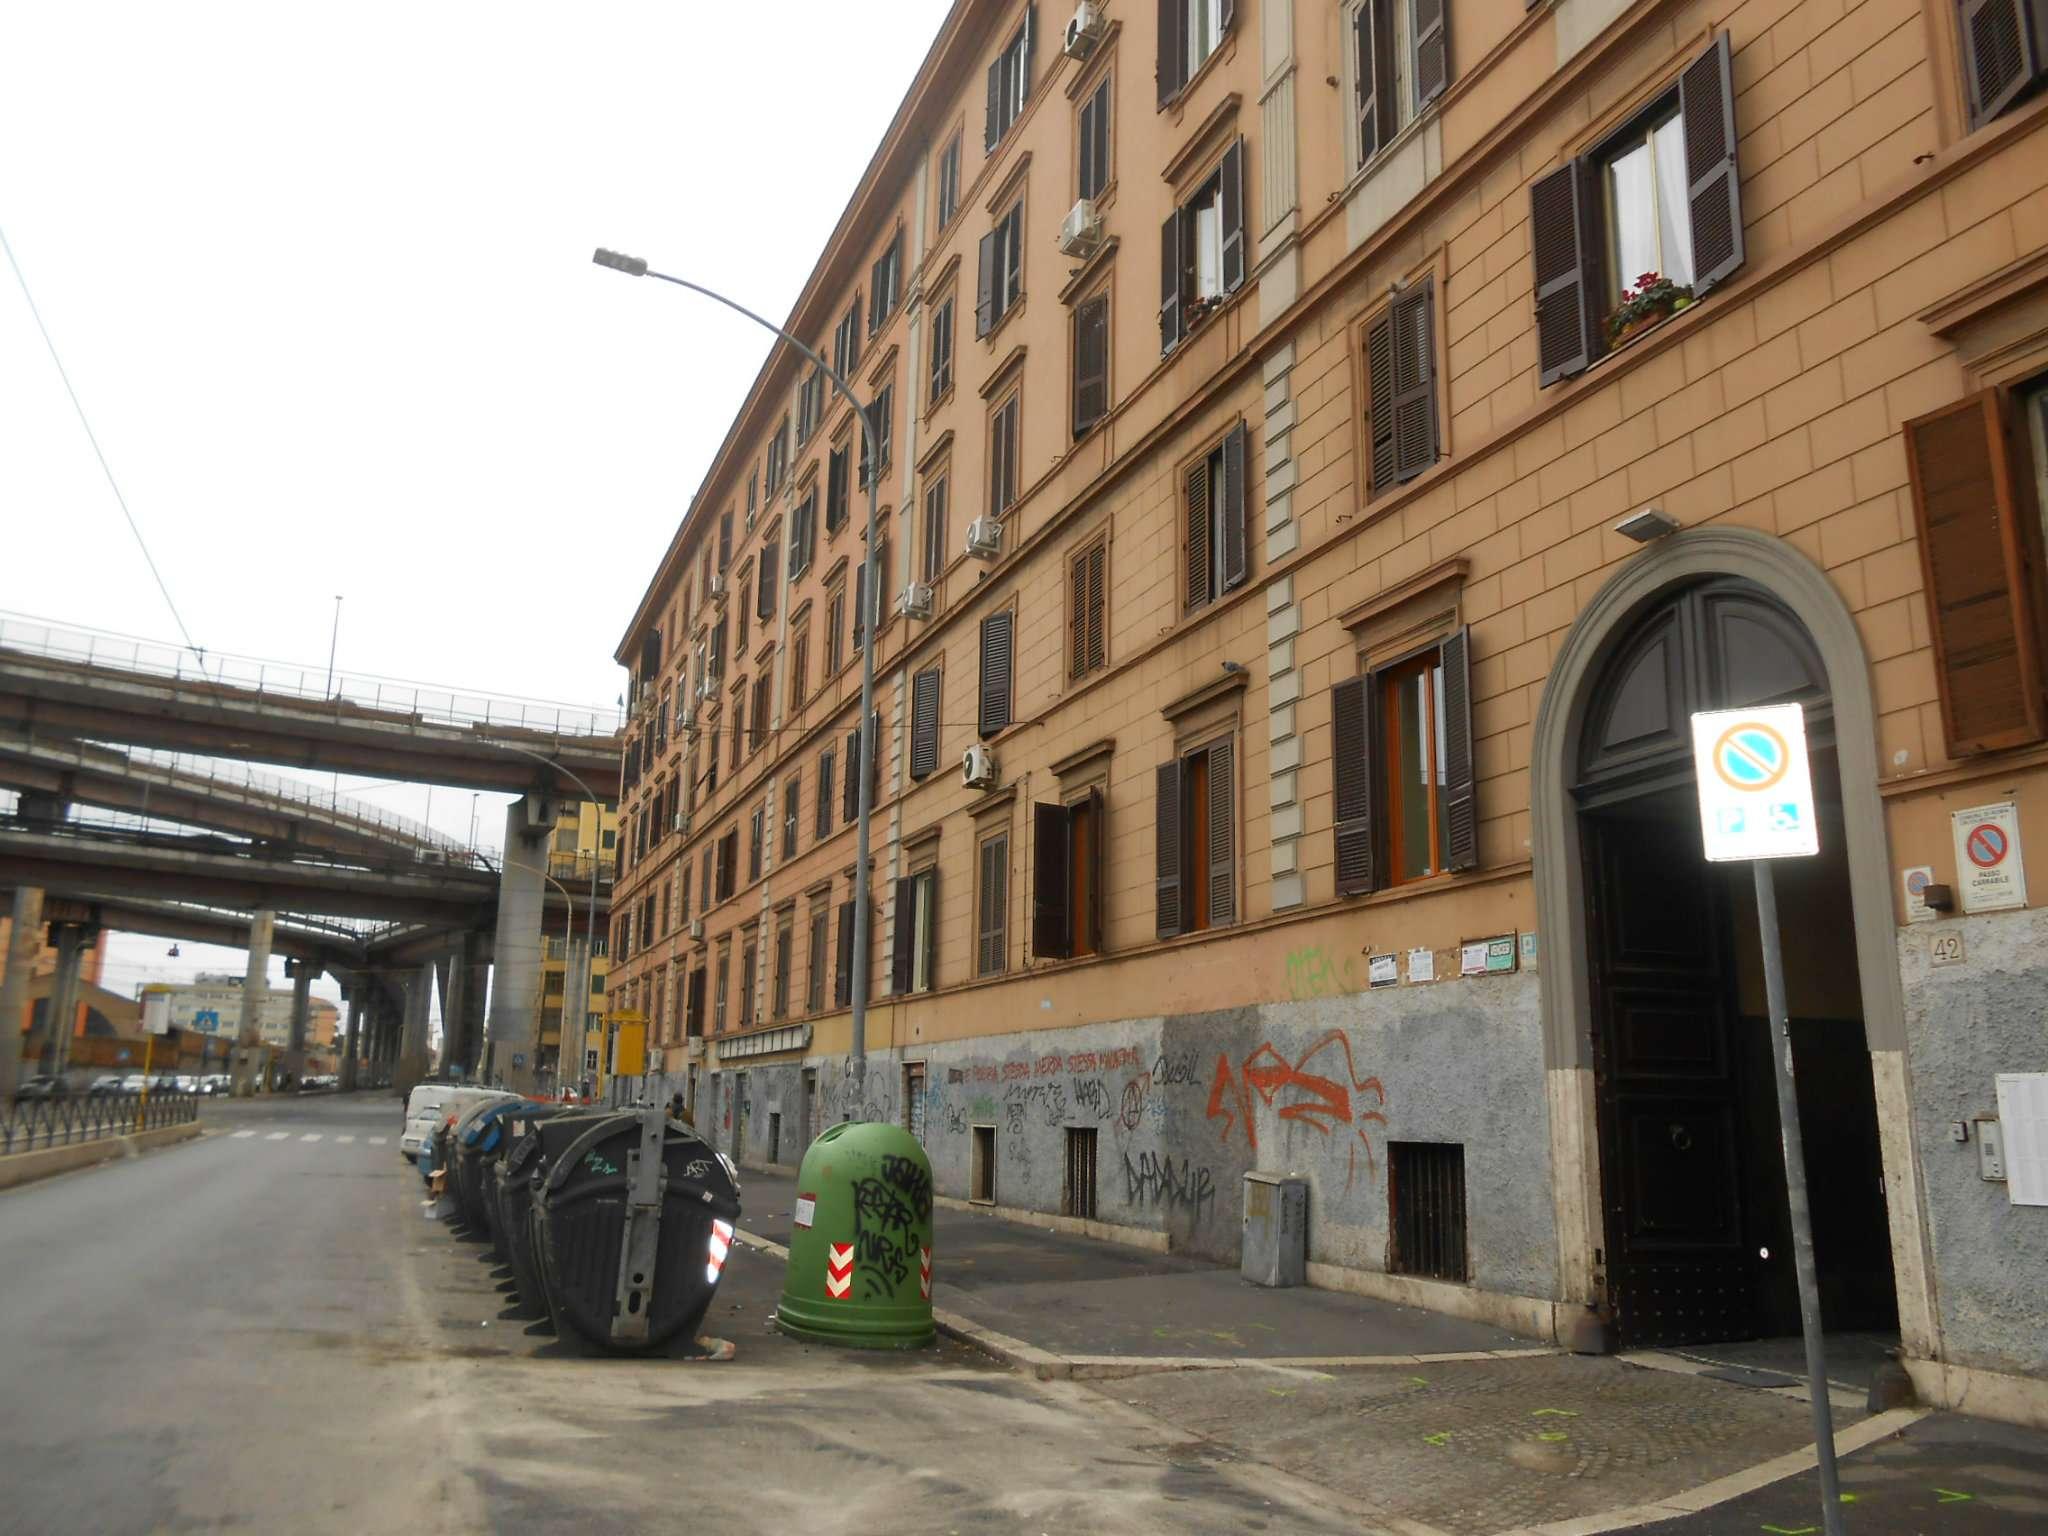 Appartamenti bilocali in affitto a roma for Appartamenti enti affitto roma